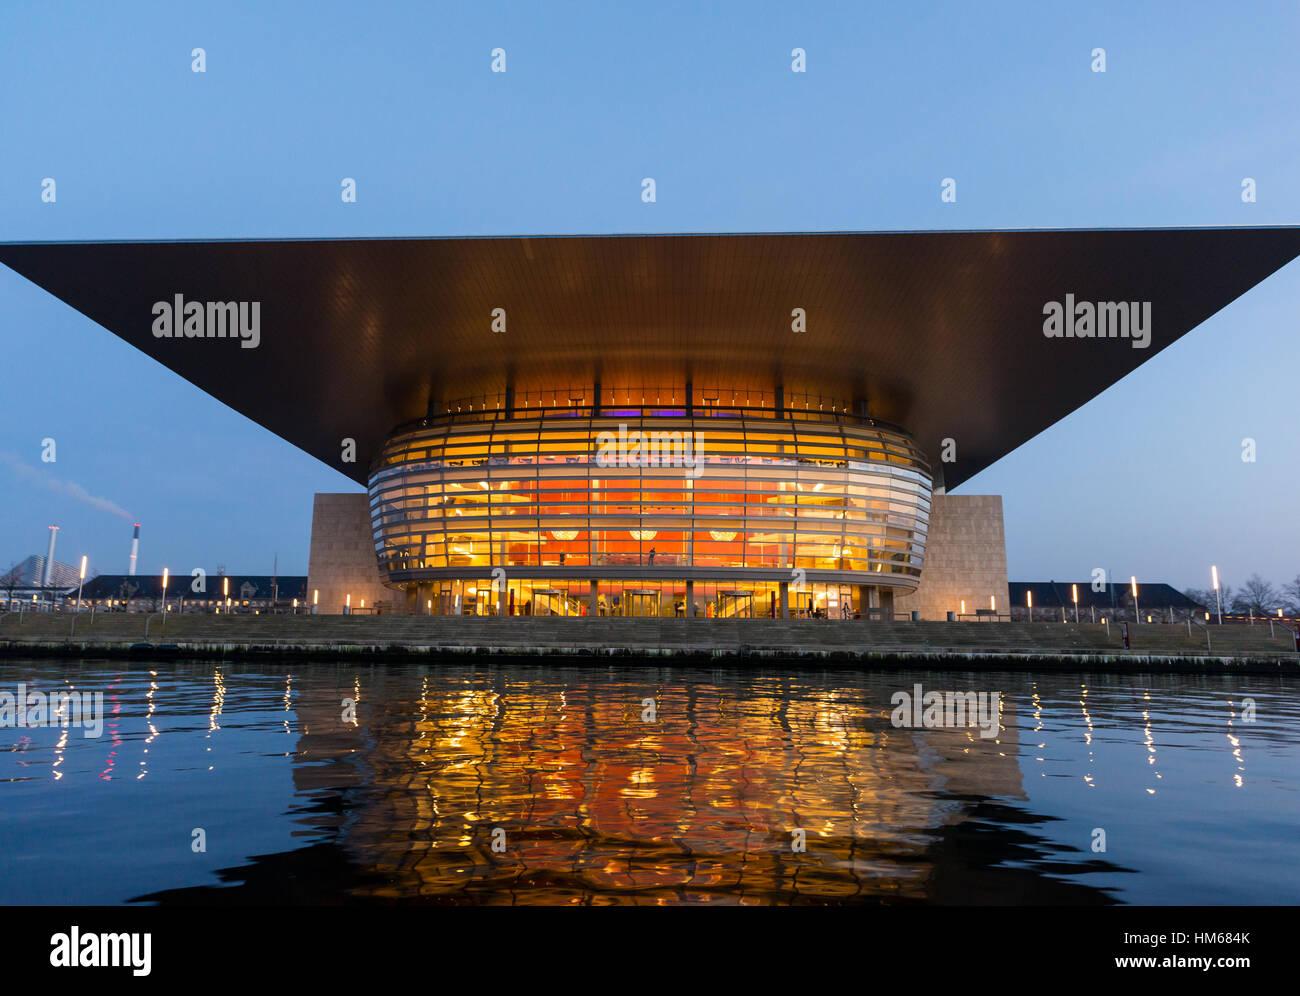 Das Opernhaus in der Nacht, Kopenhagen, Dänemark Stockbild